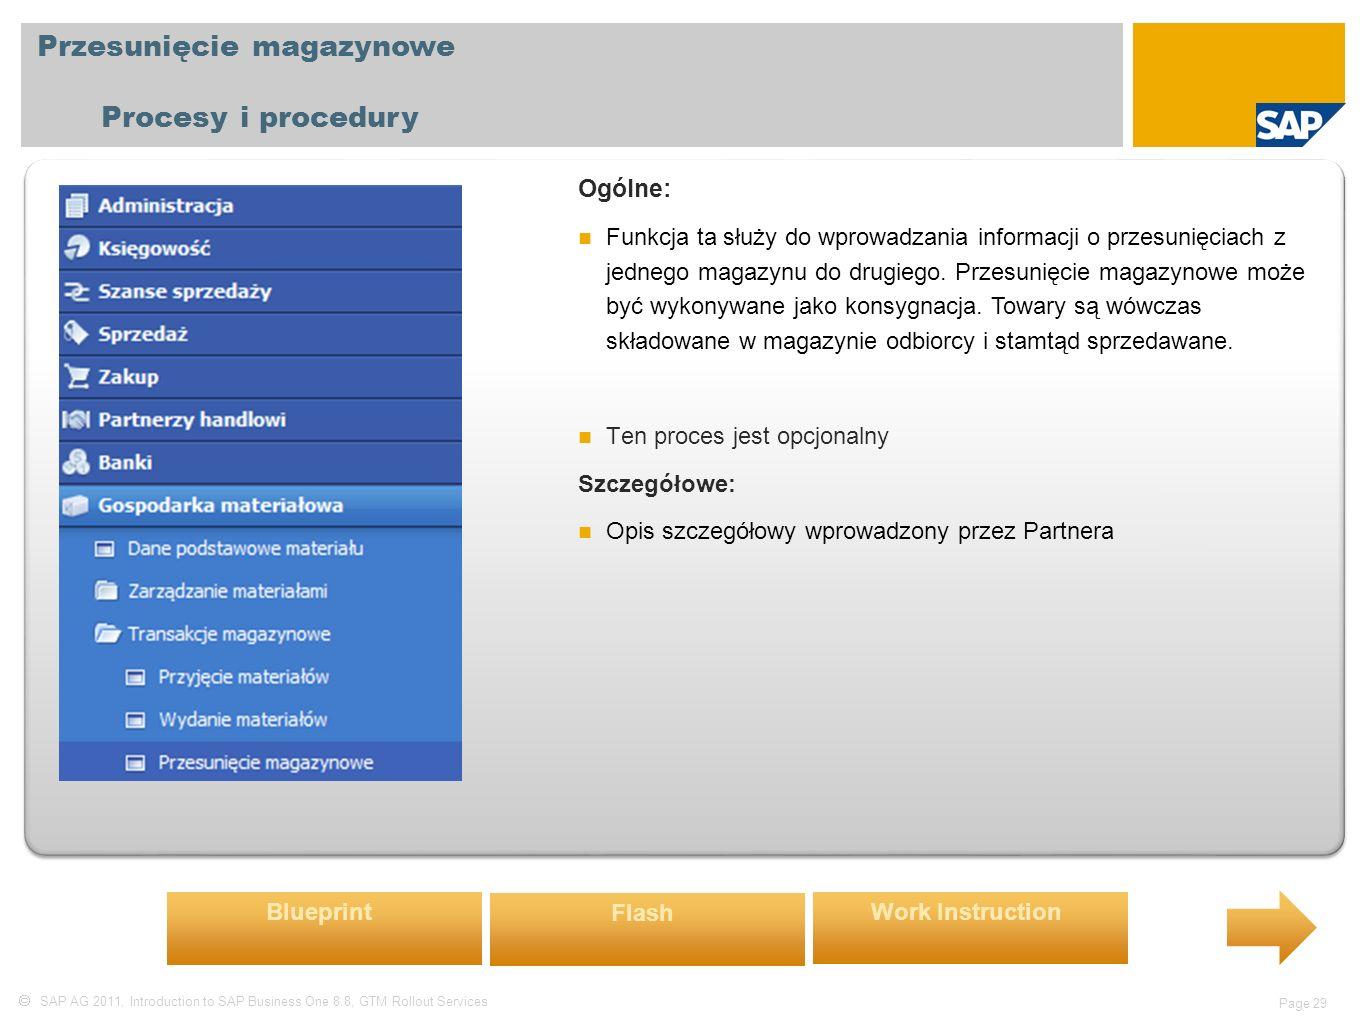  SAP AG 2011, Introduction to SAP Business One 8.8, GTM Rollout Services Page 29 Przesunięcie magazynowe Procesy i procedury Ogólne: Funkcja ta służy